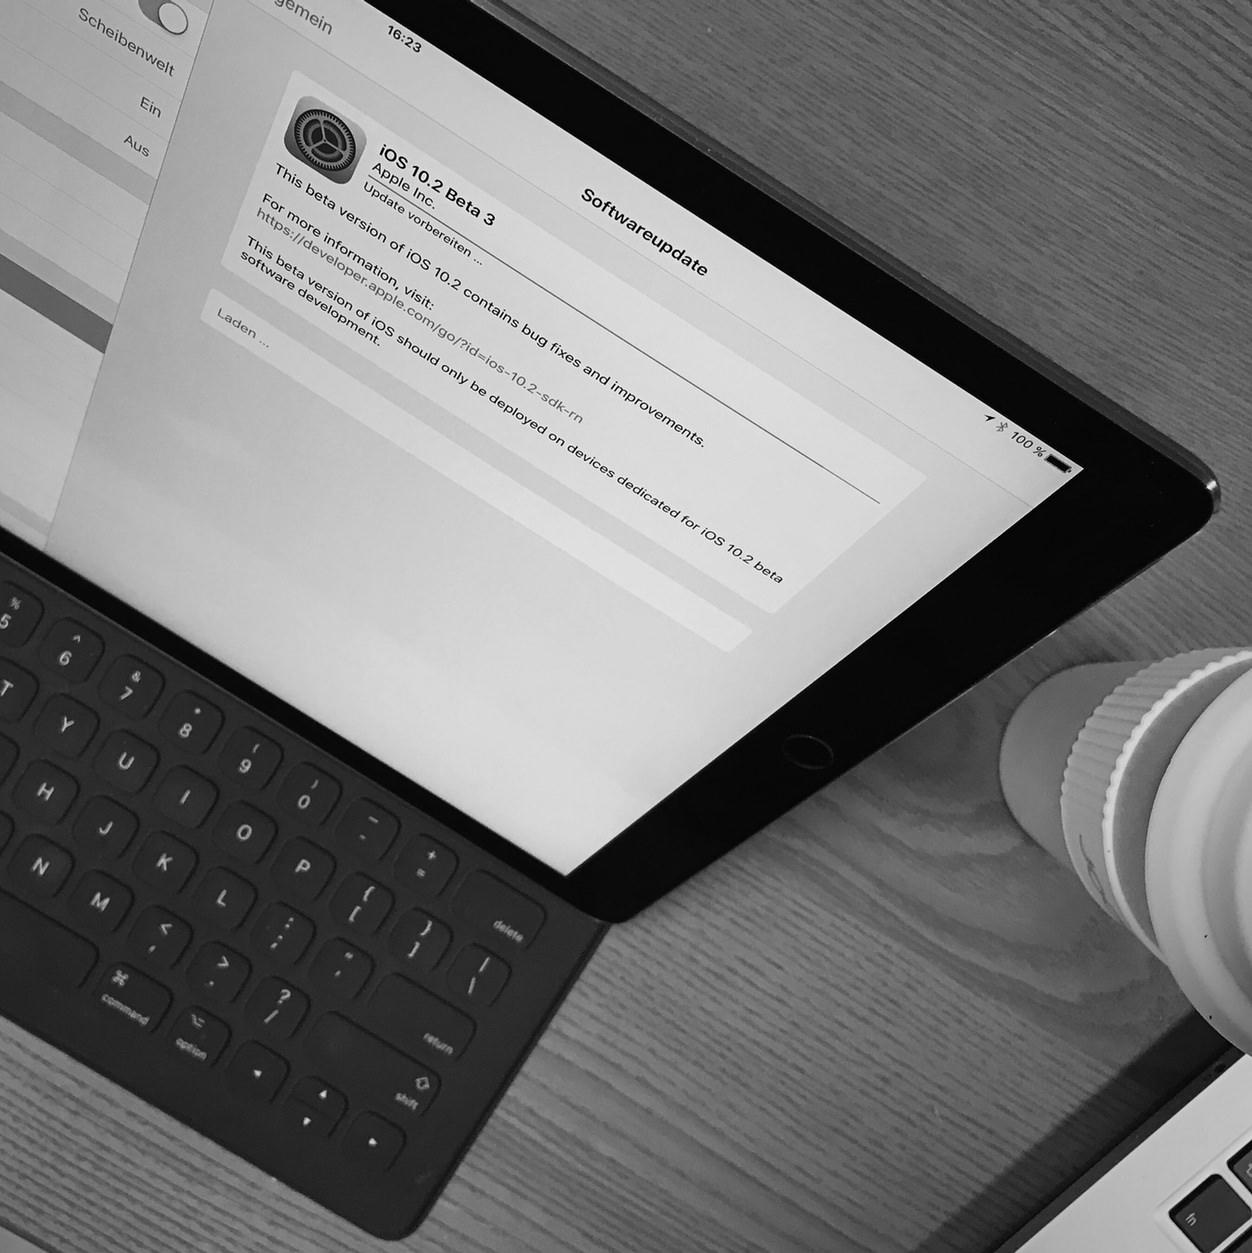 iphoneblog-de_security-update